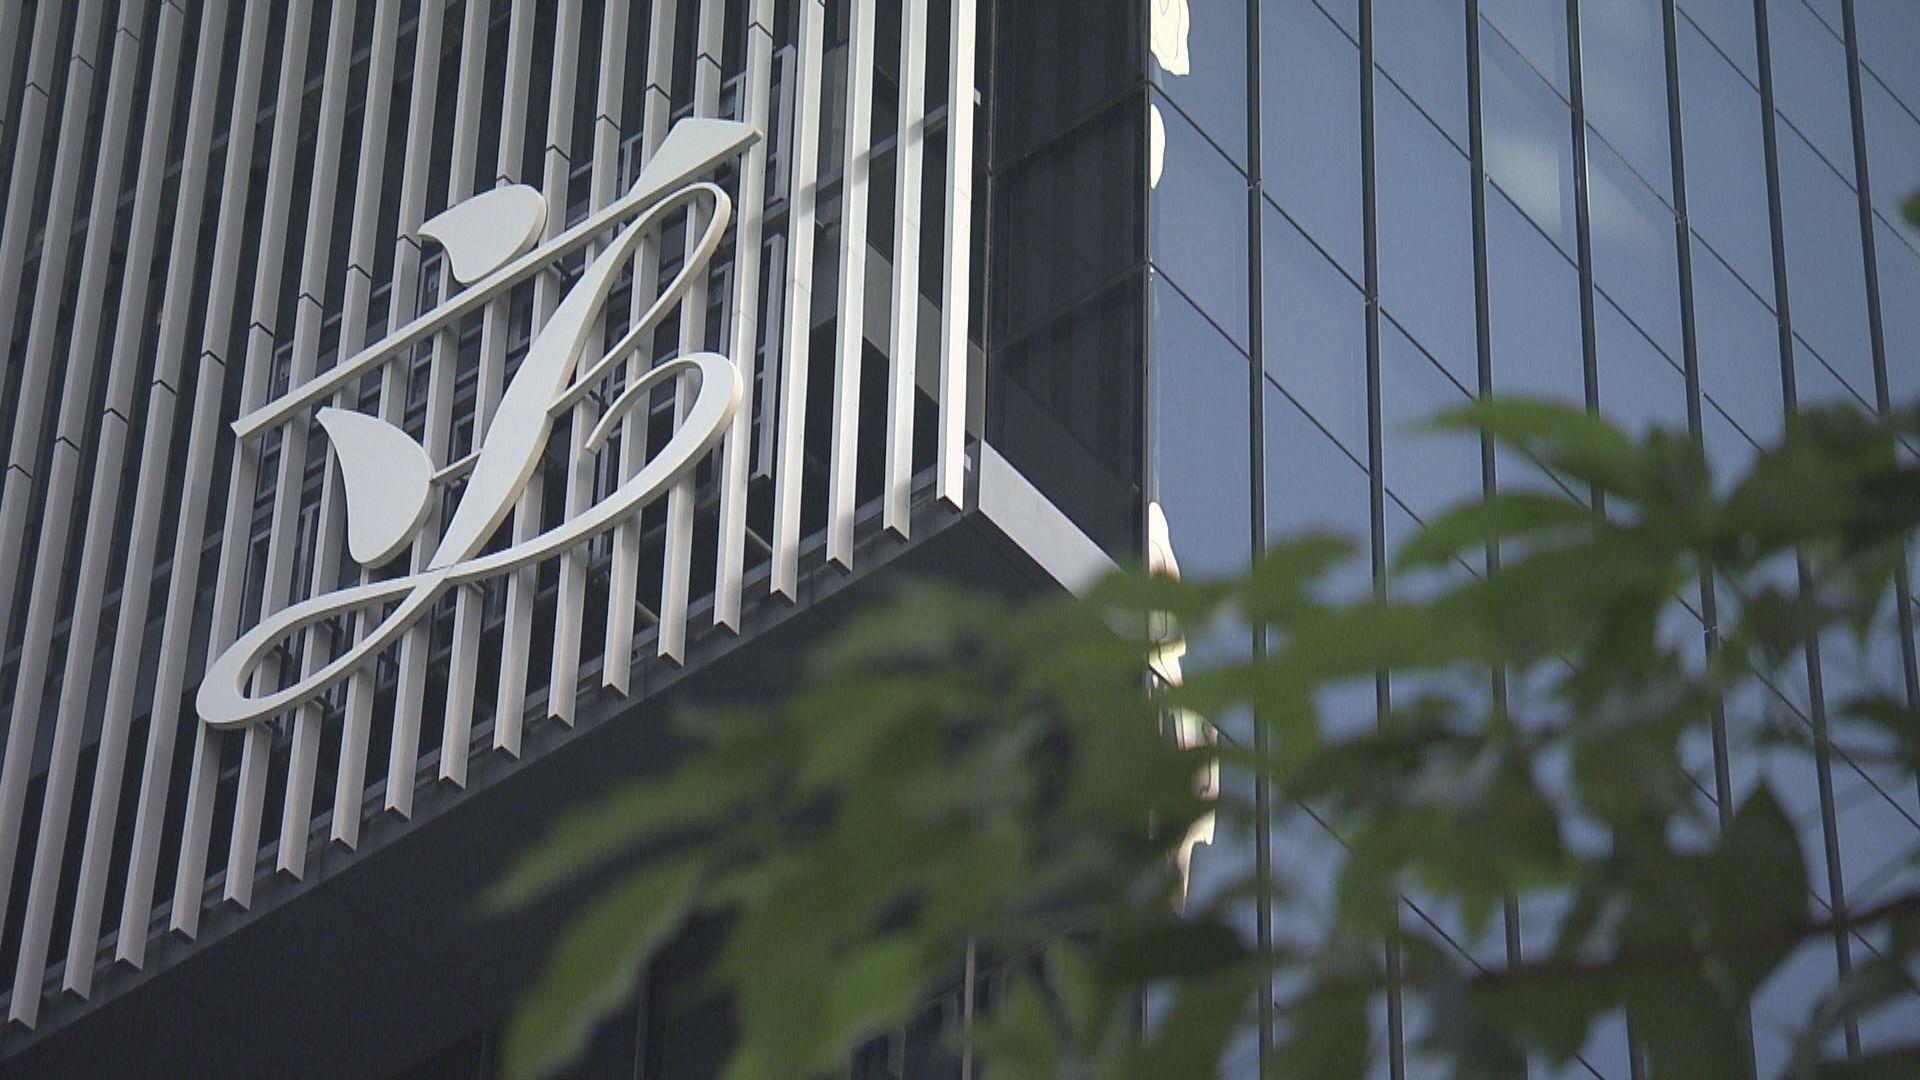 立法會秘書處收到陳志全及朱凱廸不再擔任議員通知